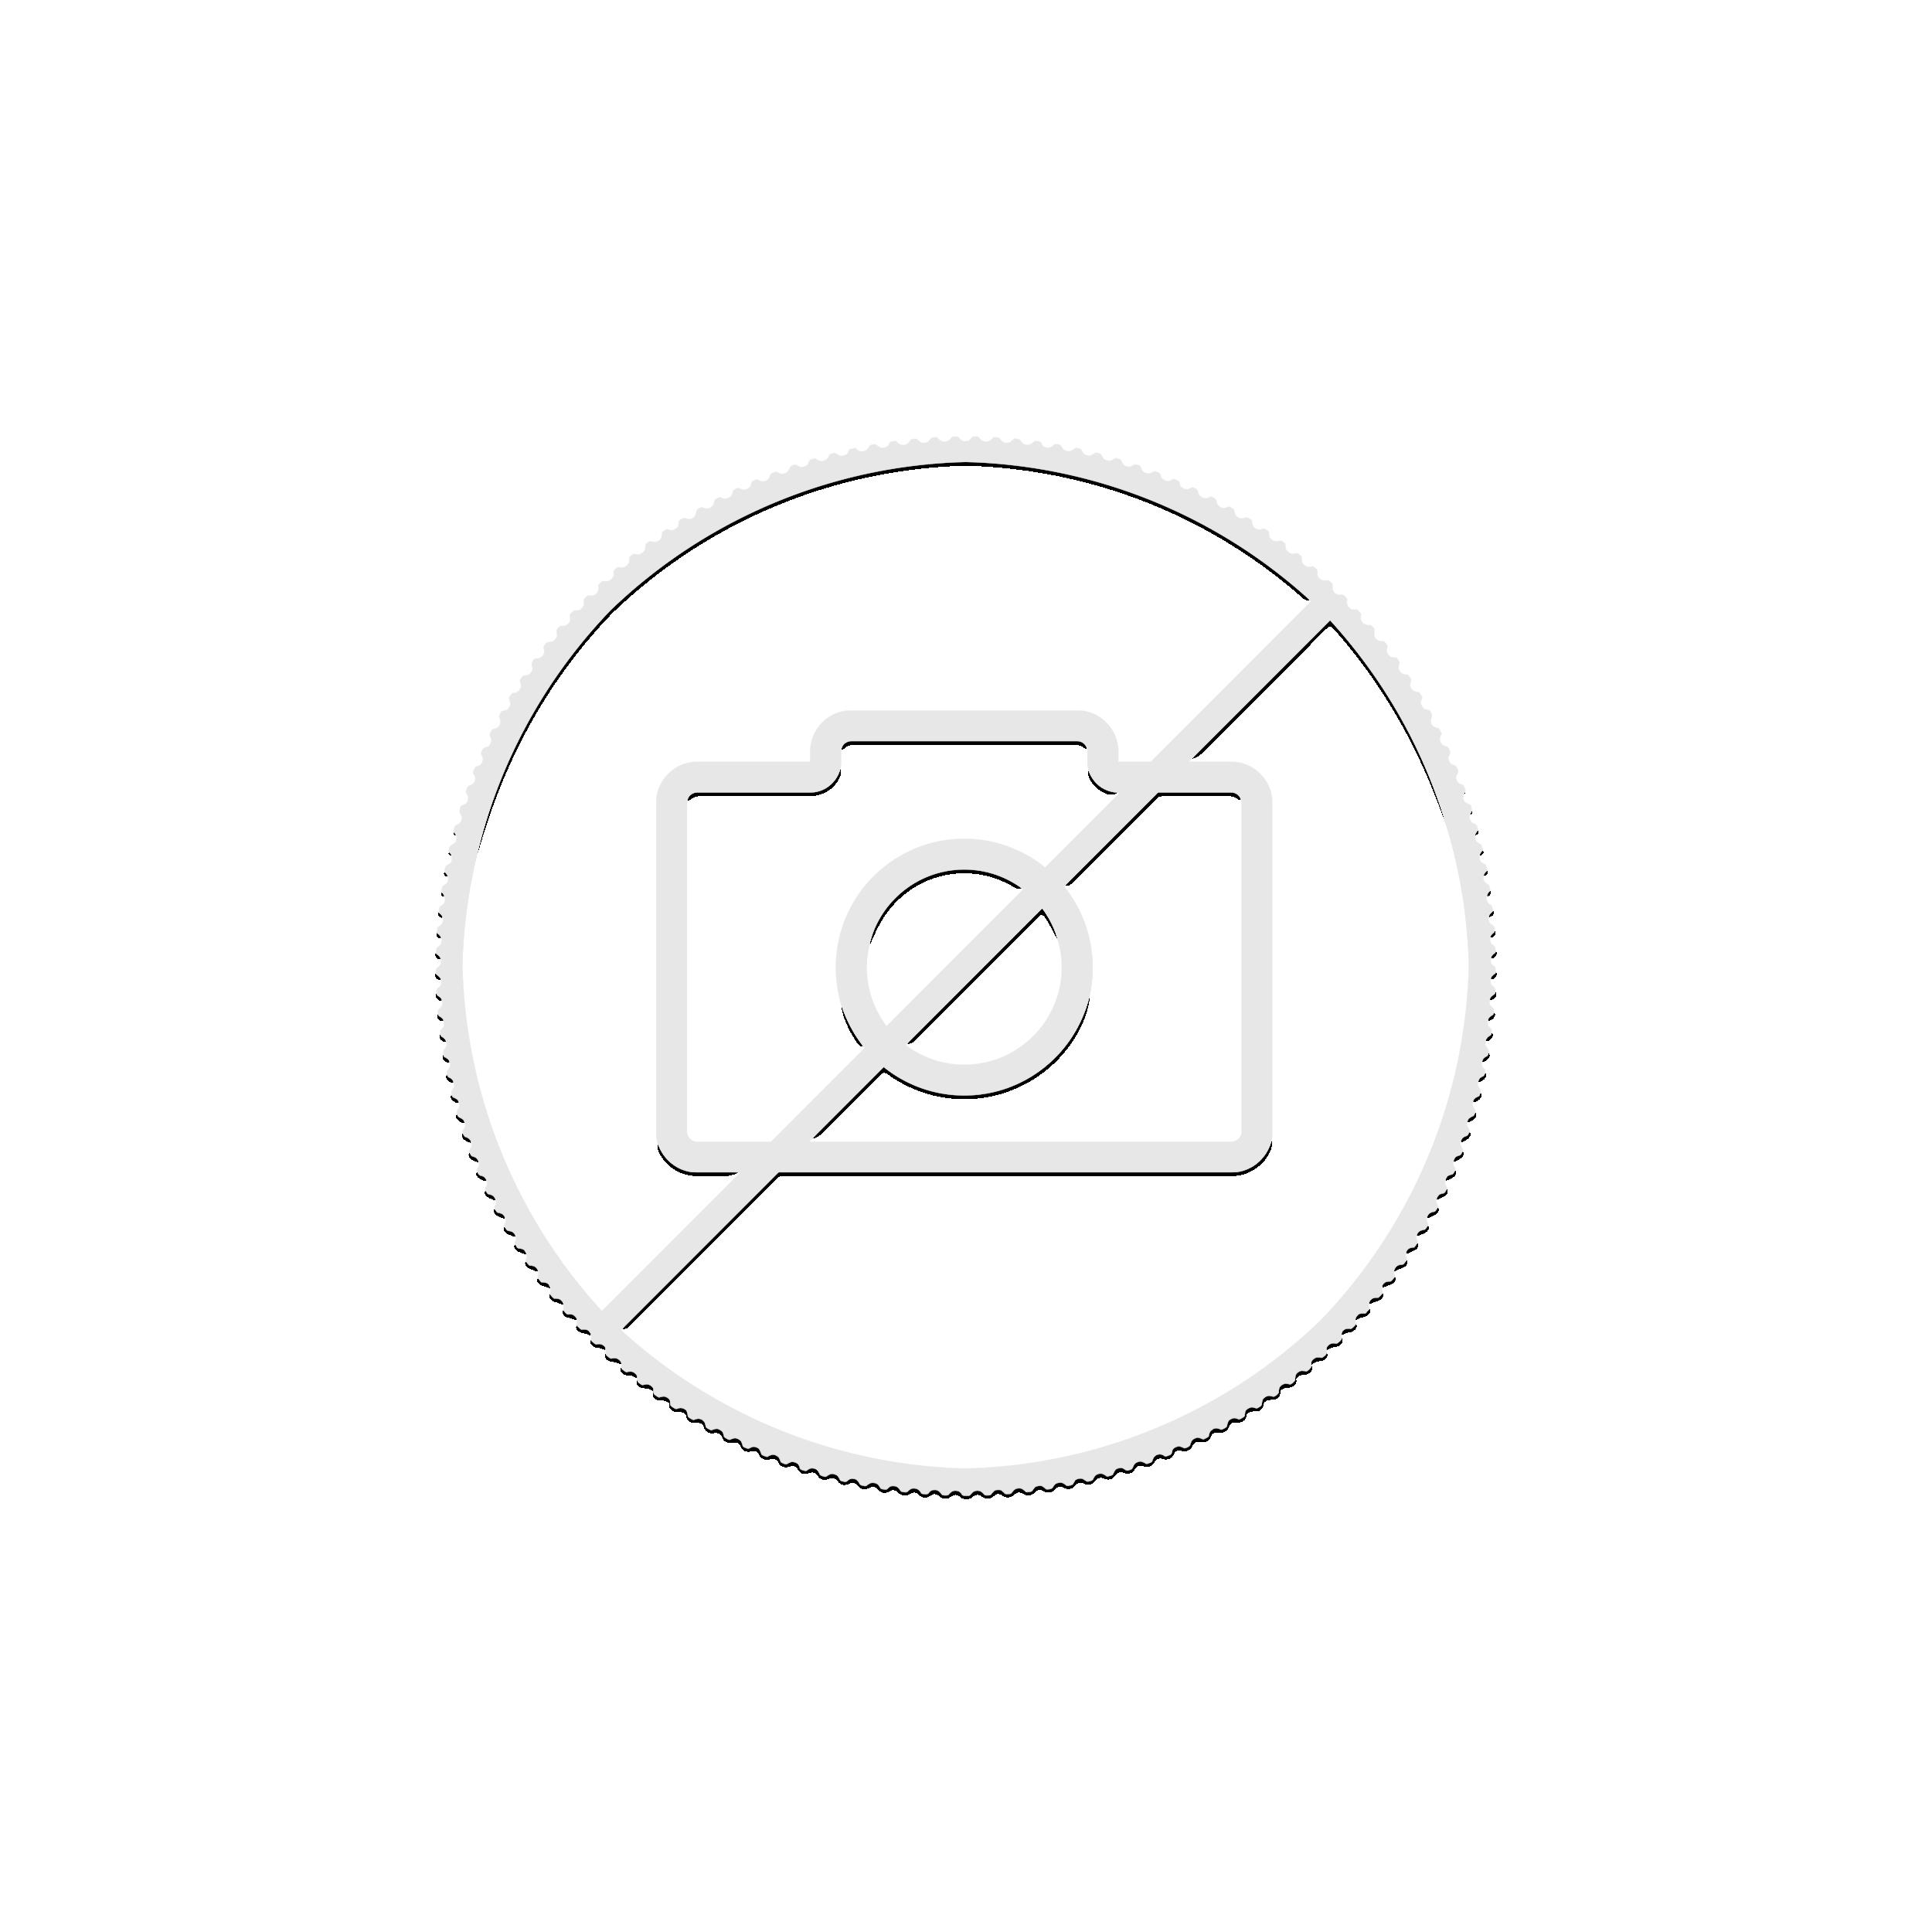 1 Troy ounce silver coin Krugerrand 2021